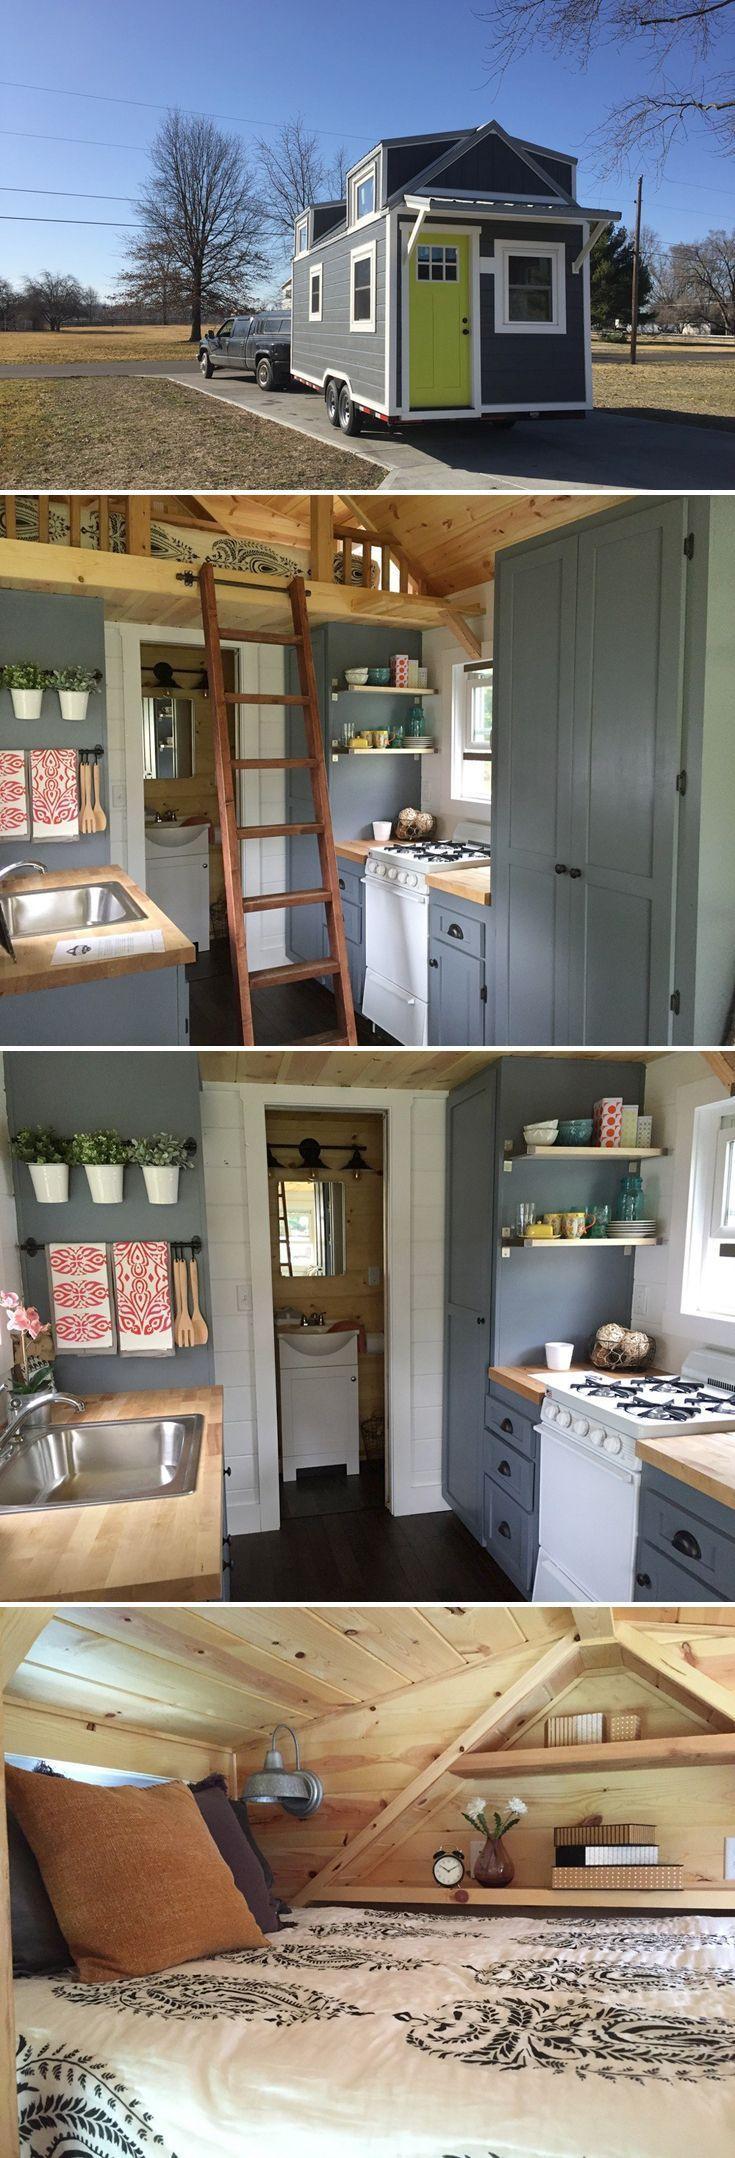 Wanigan by Burrow Tiny Homes - Tiny Living